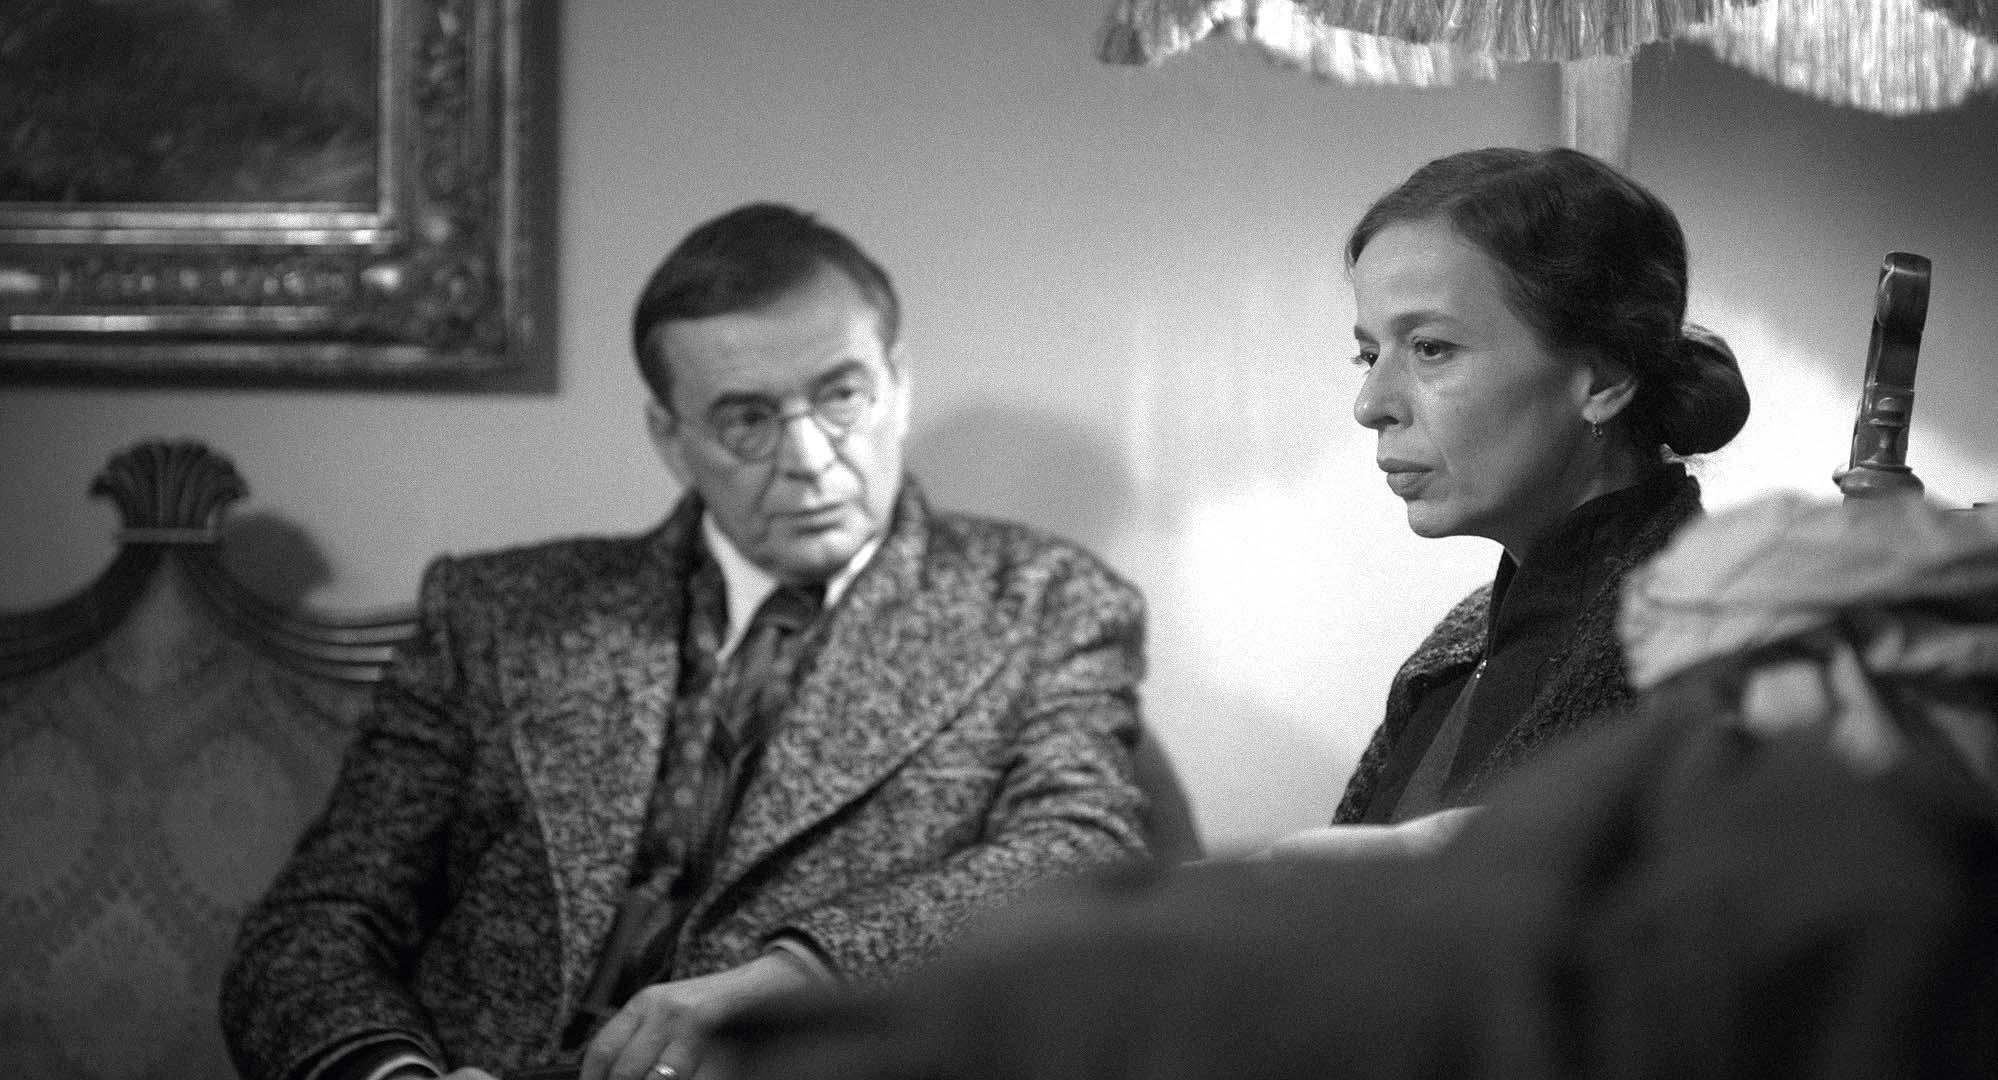 Alma Prica u filmu glumi Dianu Budisavljević, a slovenski glumac Igor Samobor njezina supruga Julija